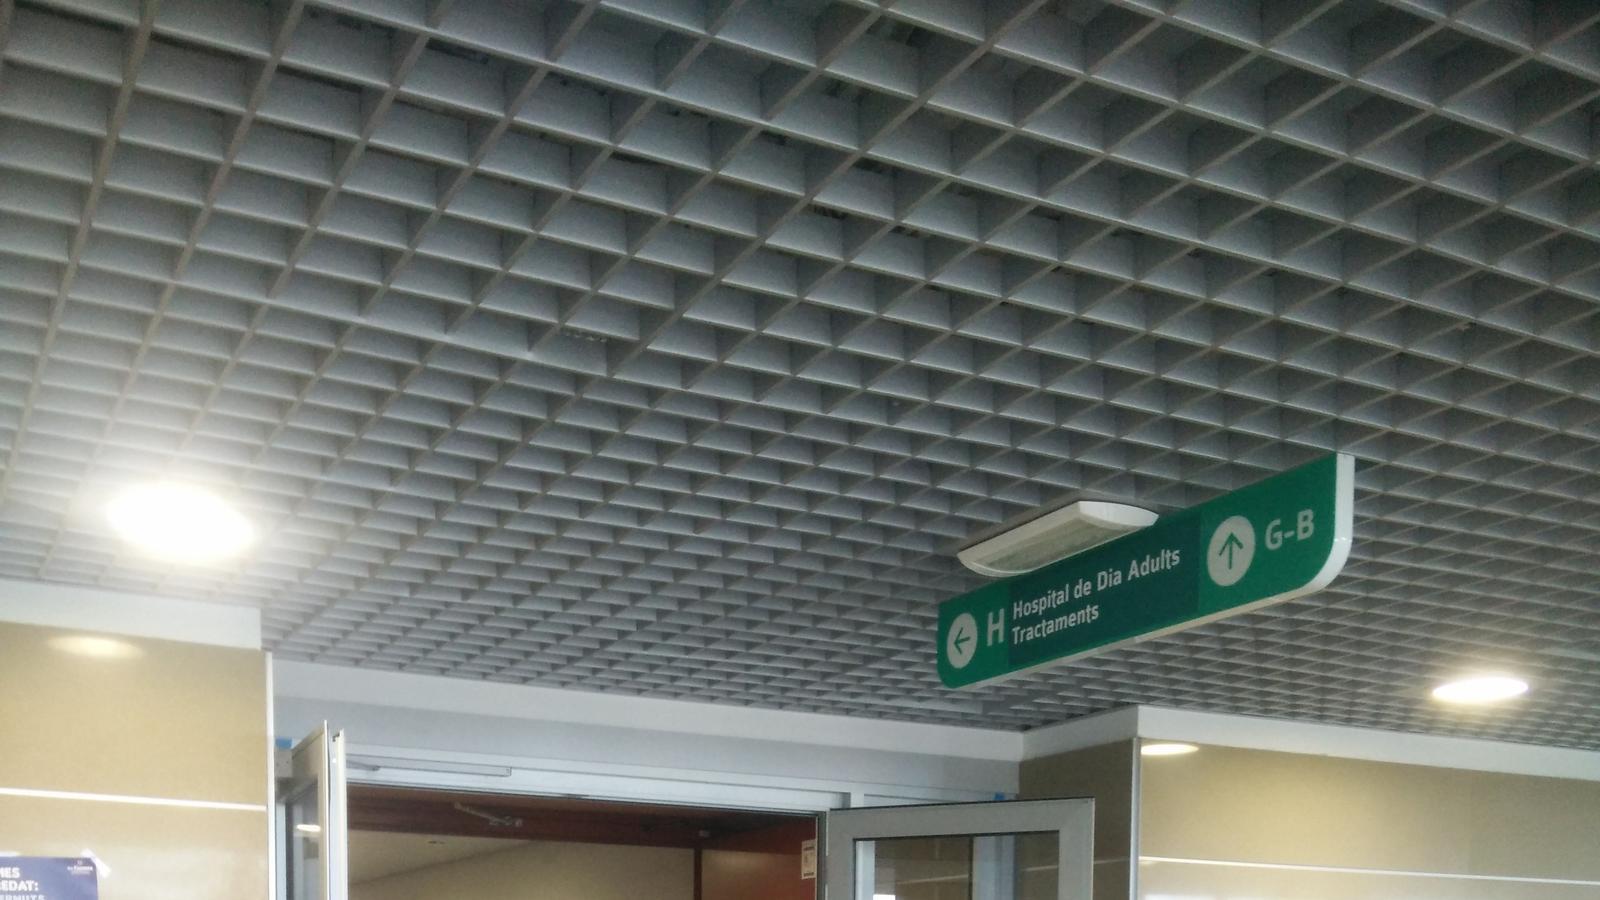 L'hospital de dia atén pacients de 8h a 20h, de dilluns a divendres, i de 8h a 15h, els dissabtes  / ARA BALEARS